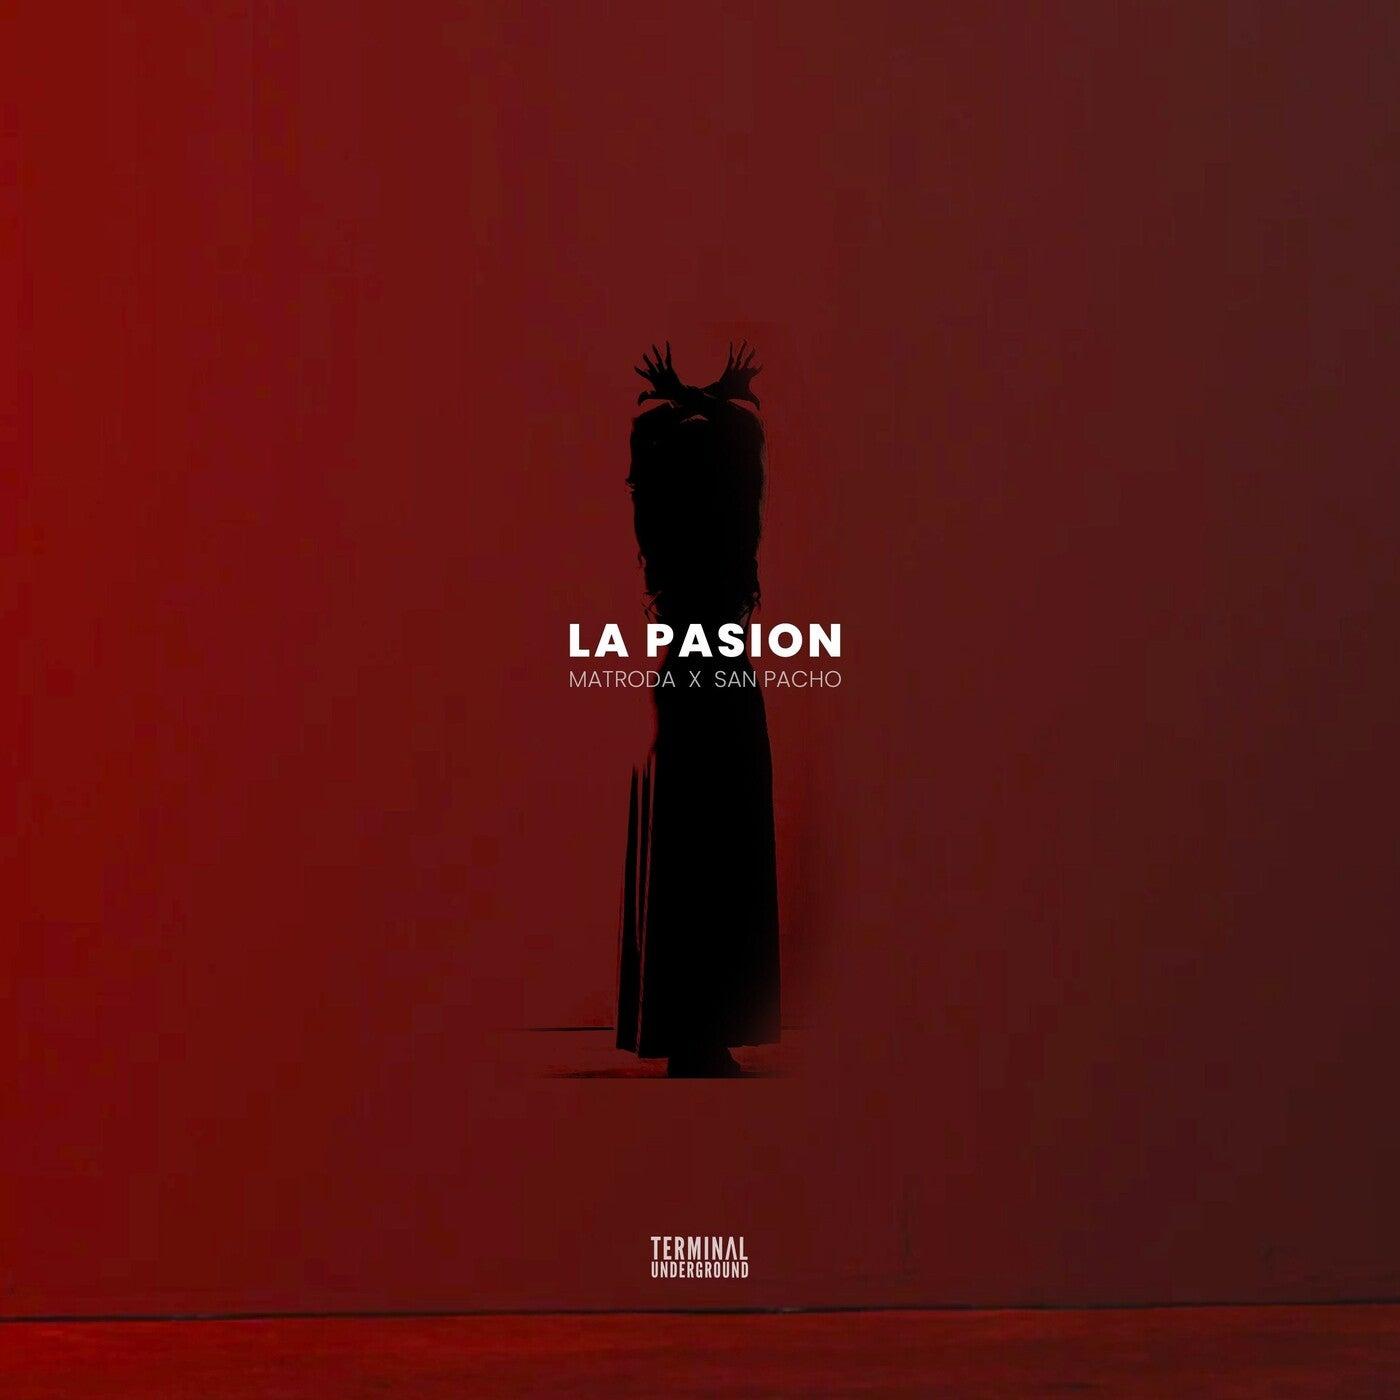 La Pasion (Original Mix)